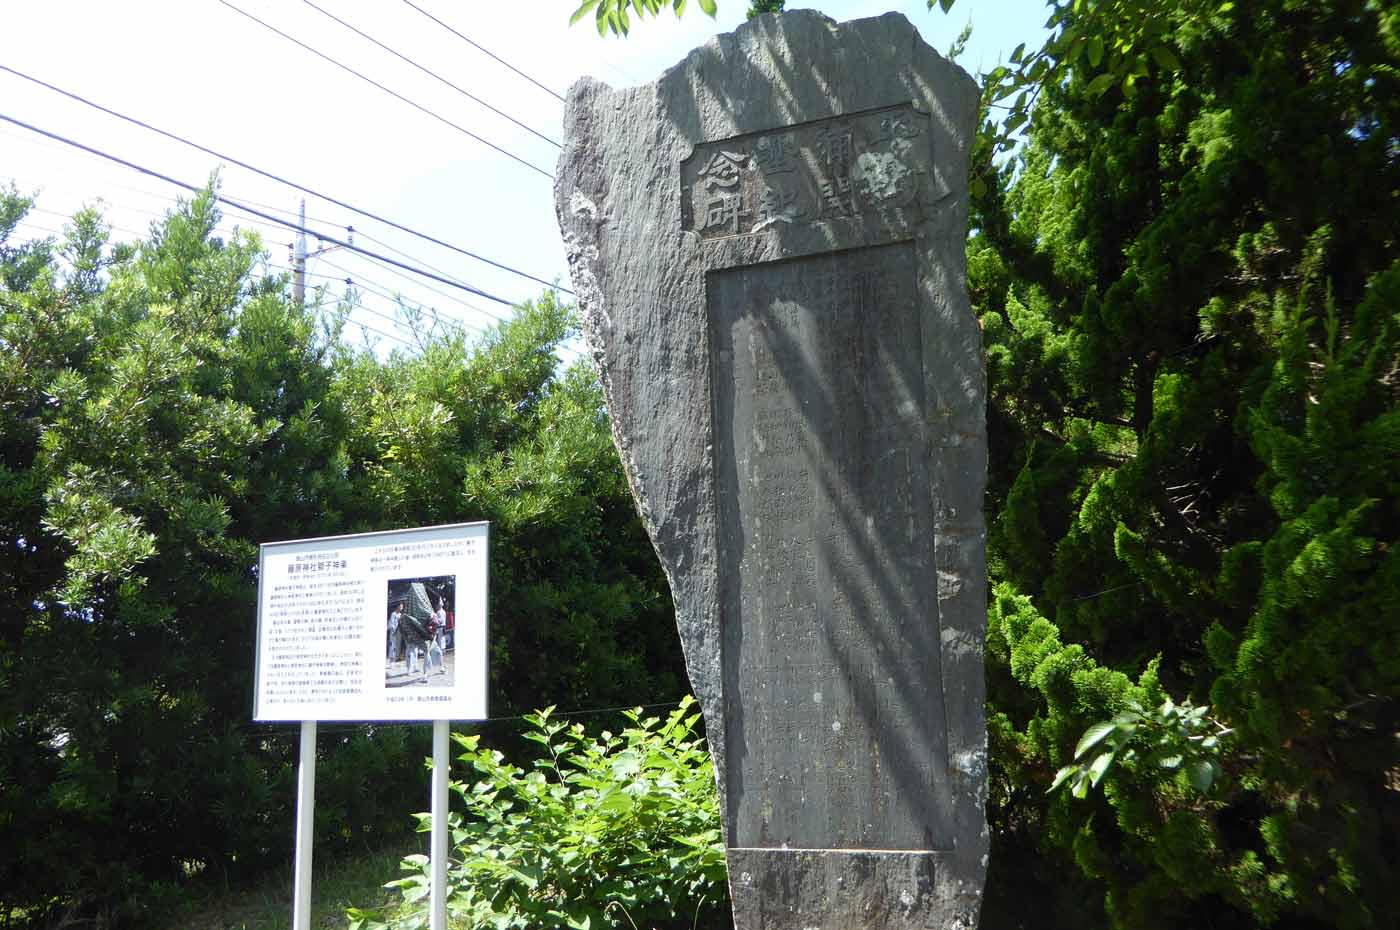 藤原神社の平砂浦開墾記念碑の画像